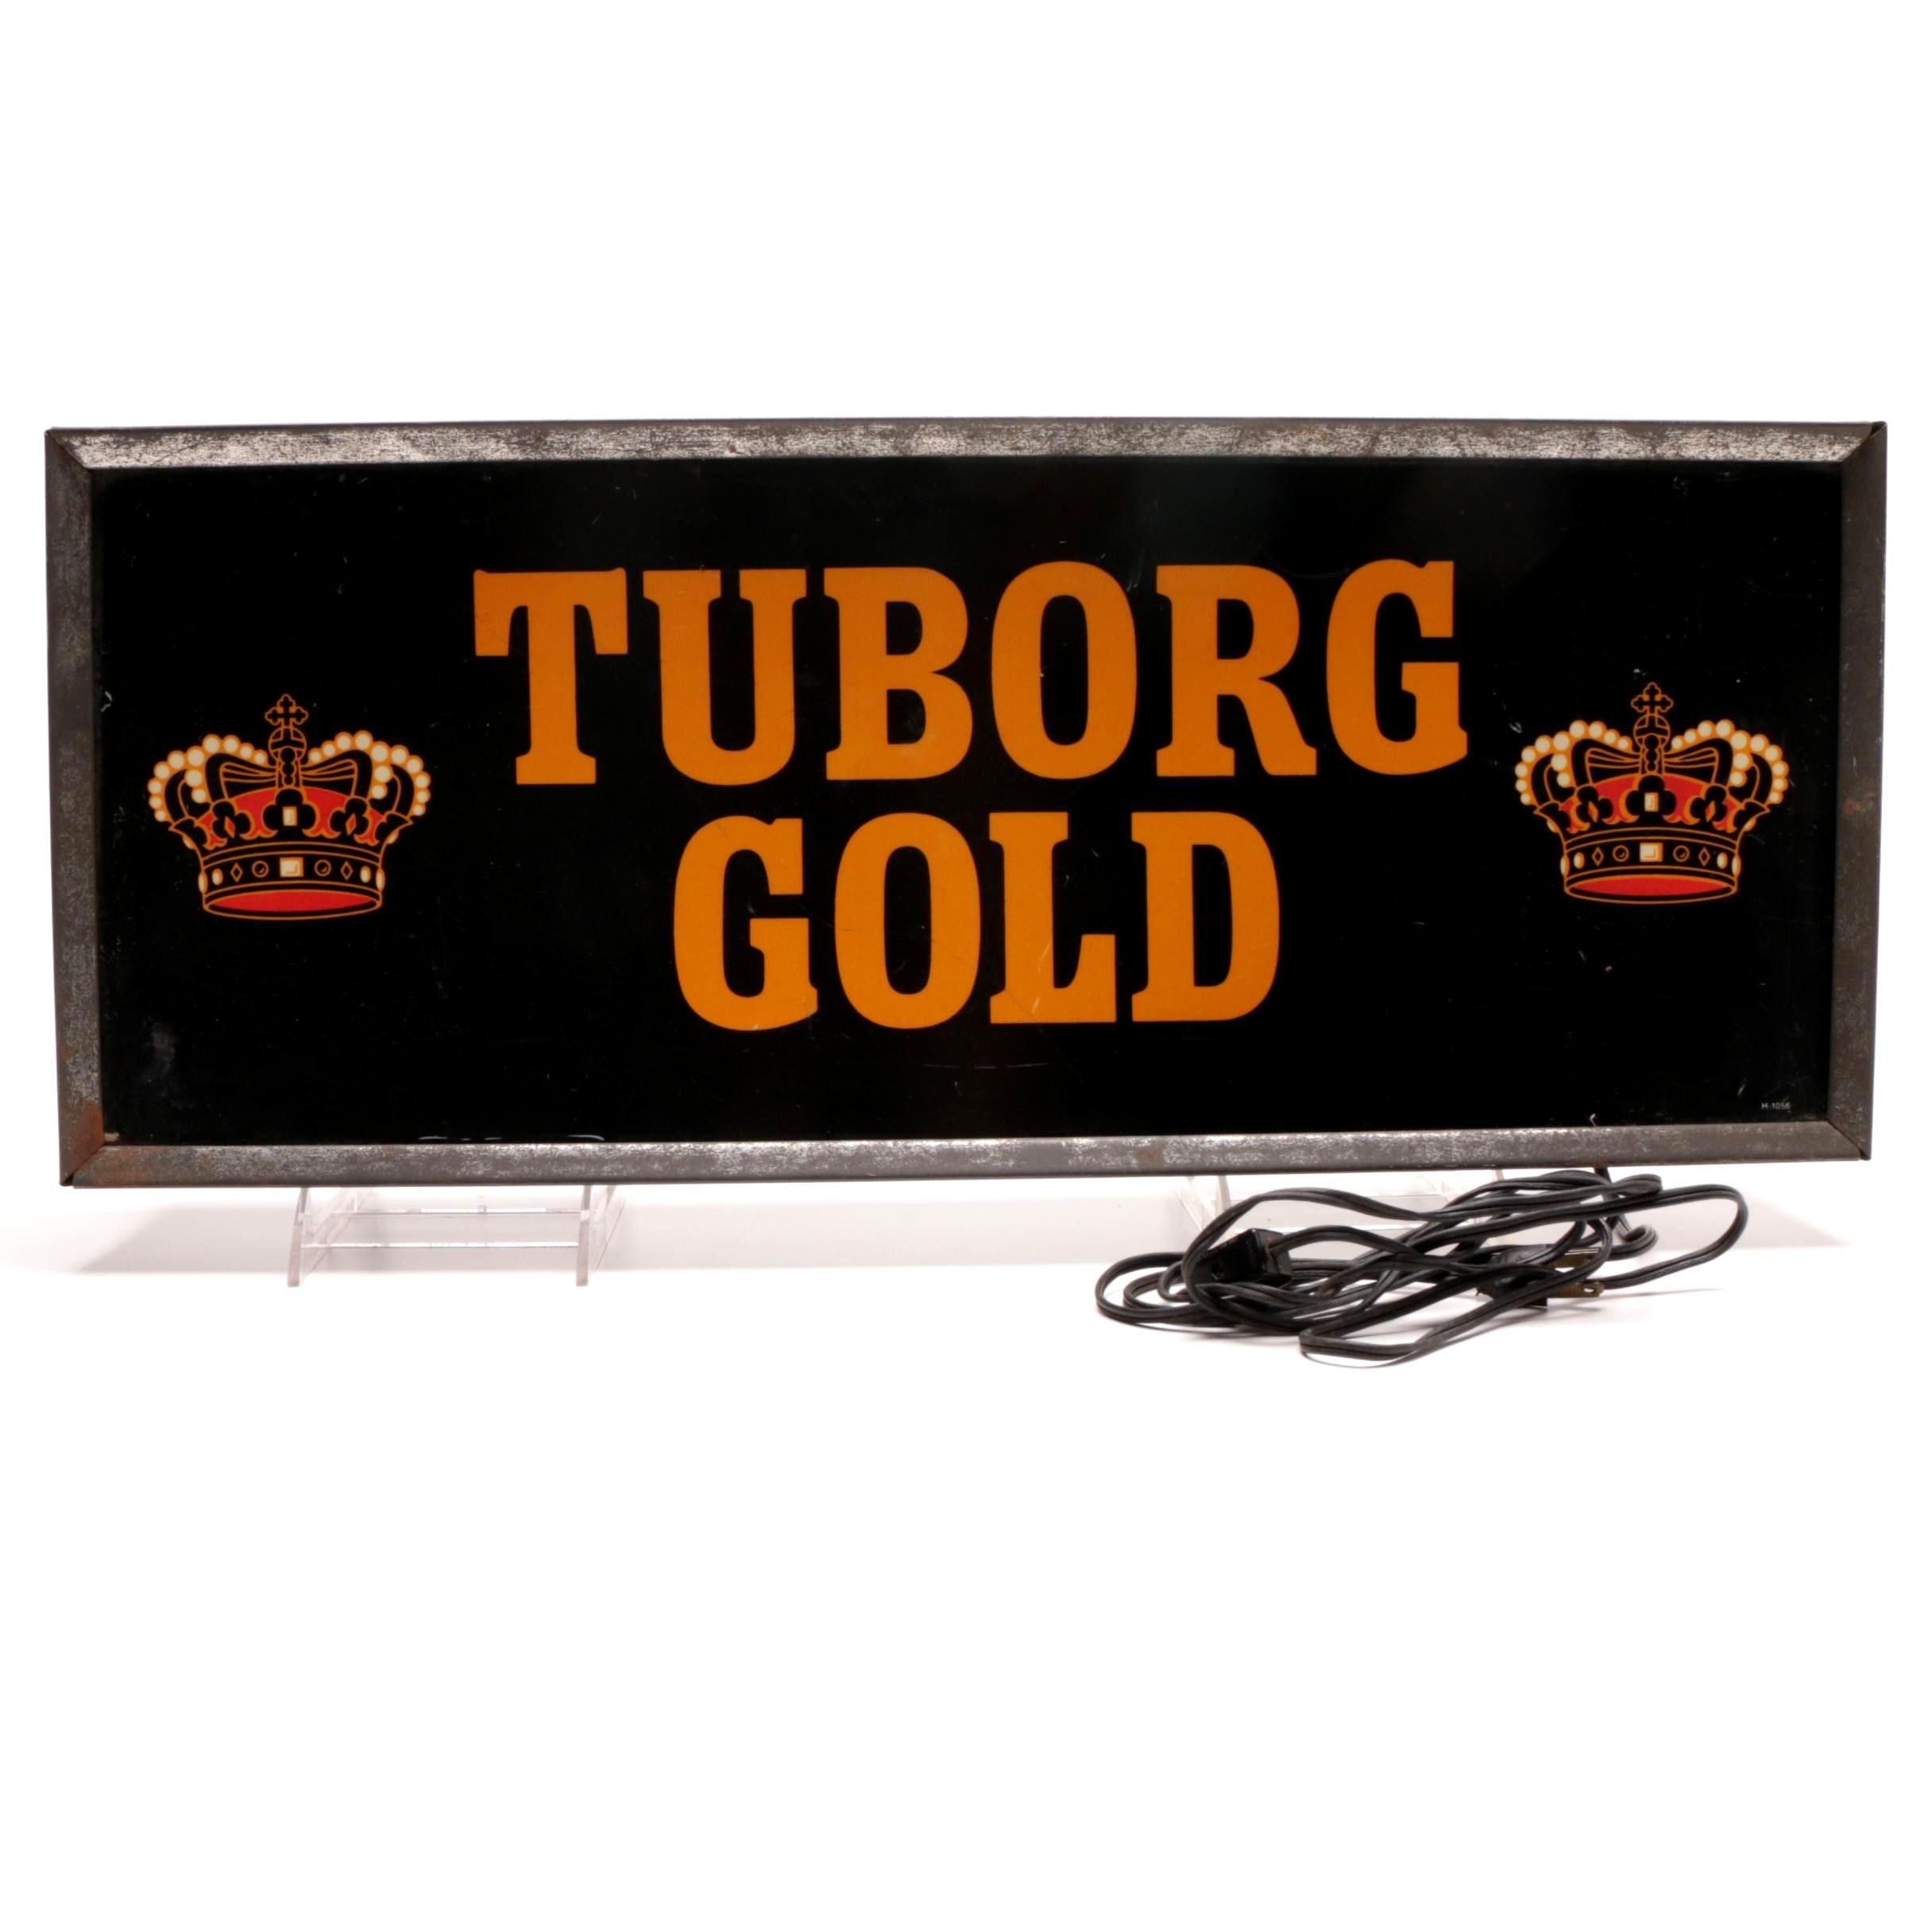 Tuborg Gold Light Up Beer Sign